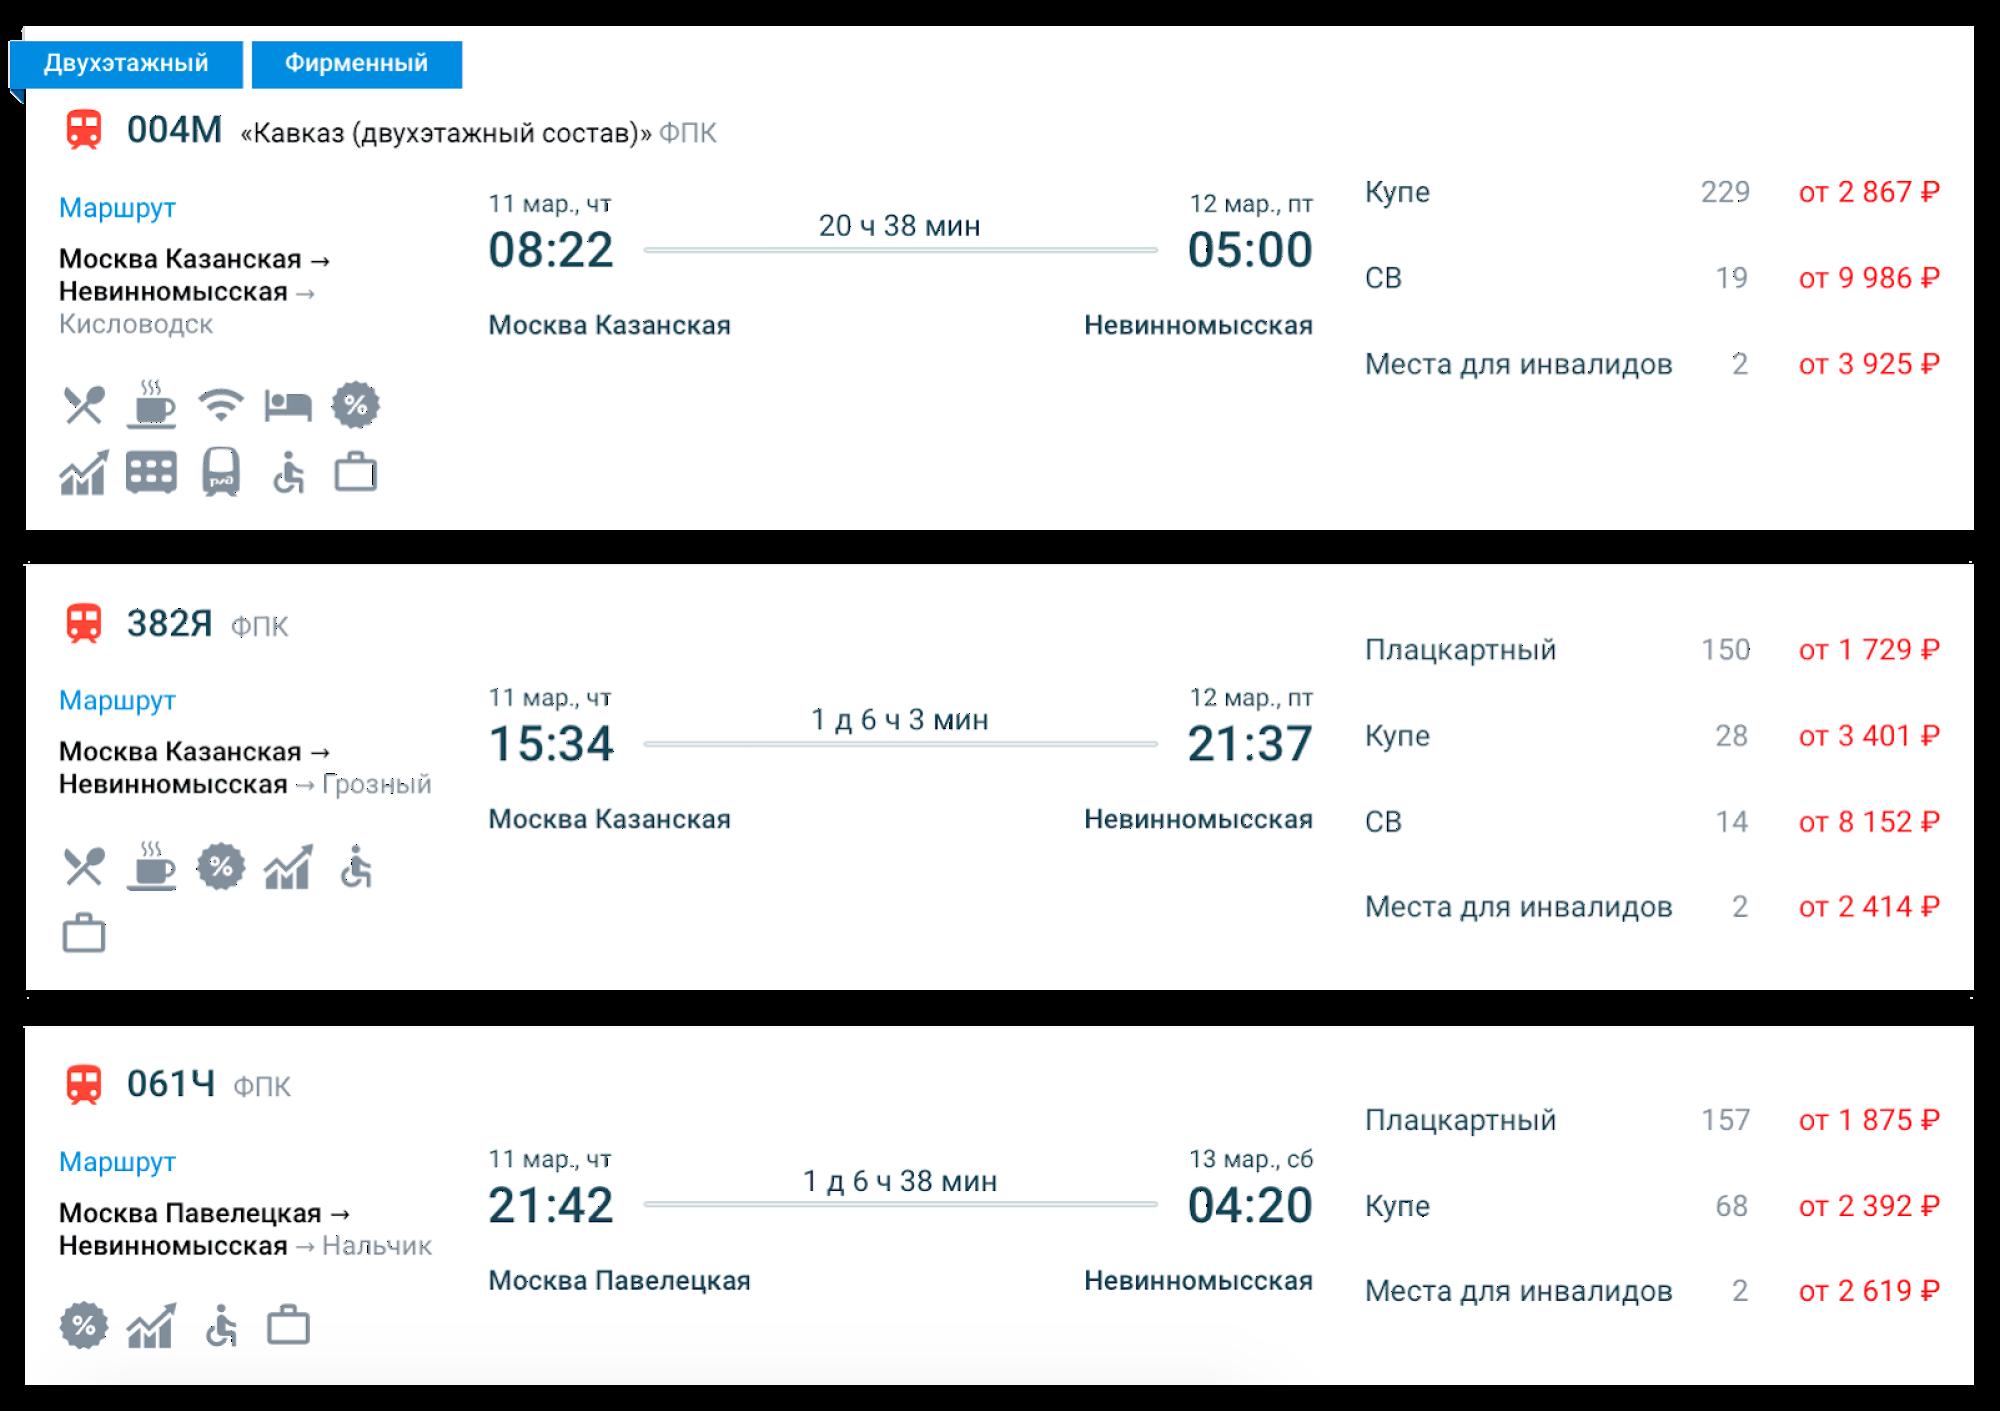 Смотрела цены на билеты в январе дляпоездки в марте 2021года. Источник: rzd.ru